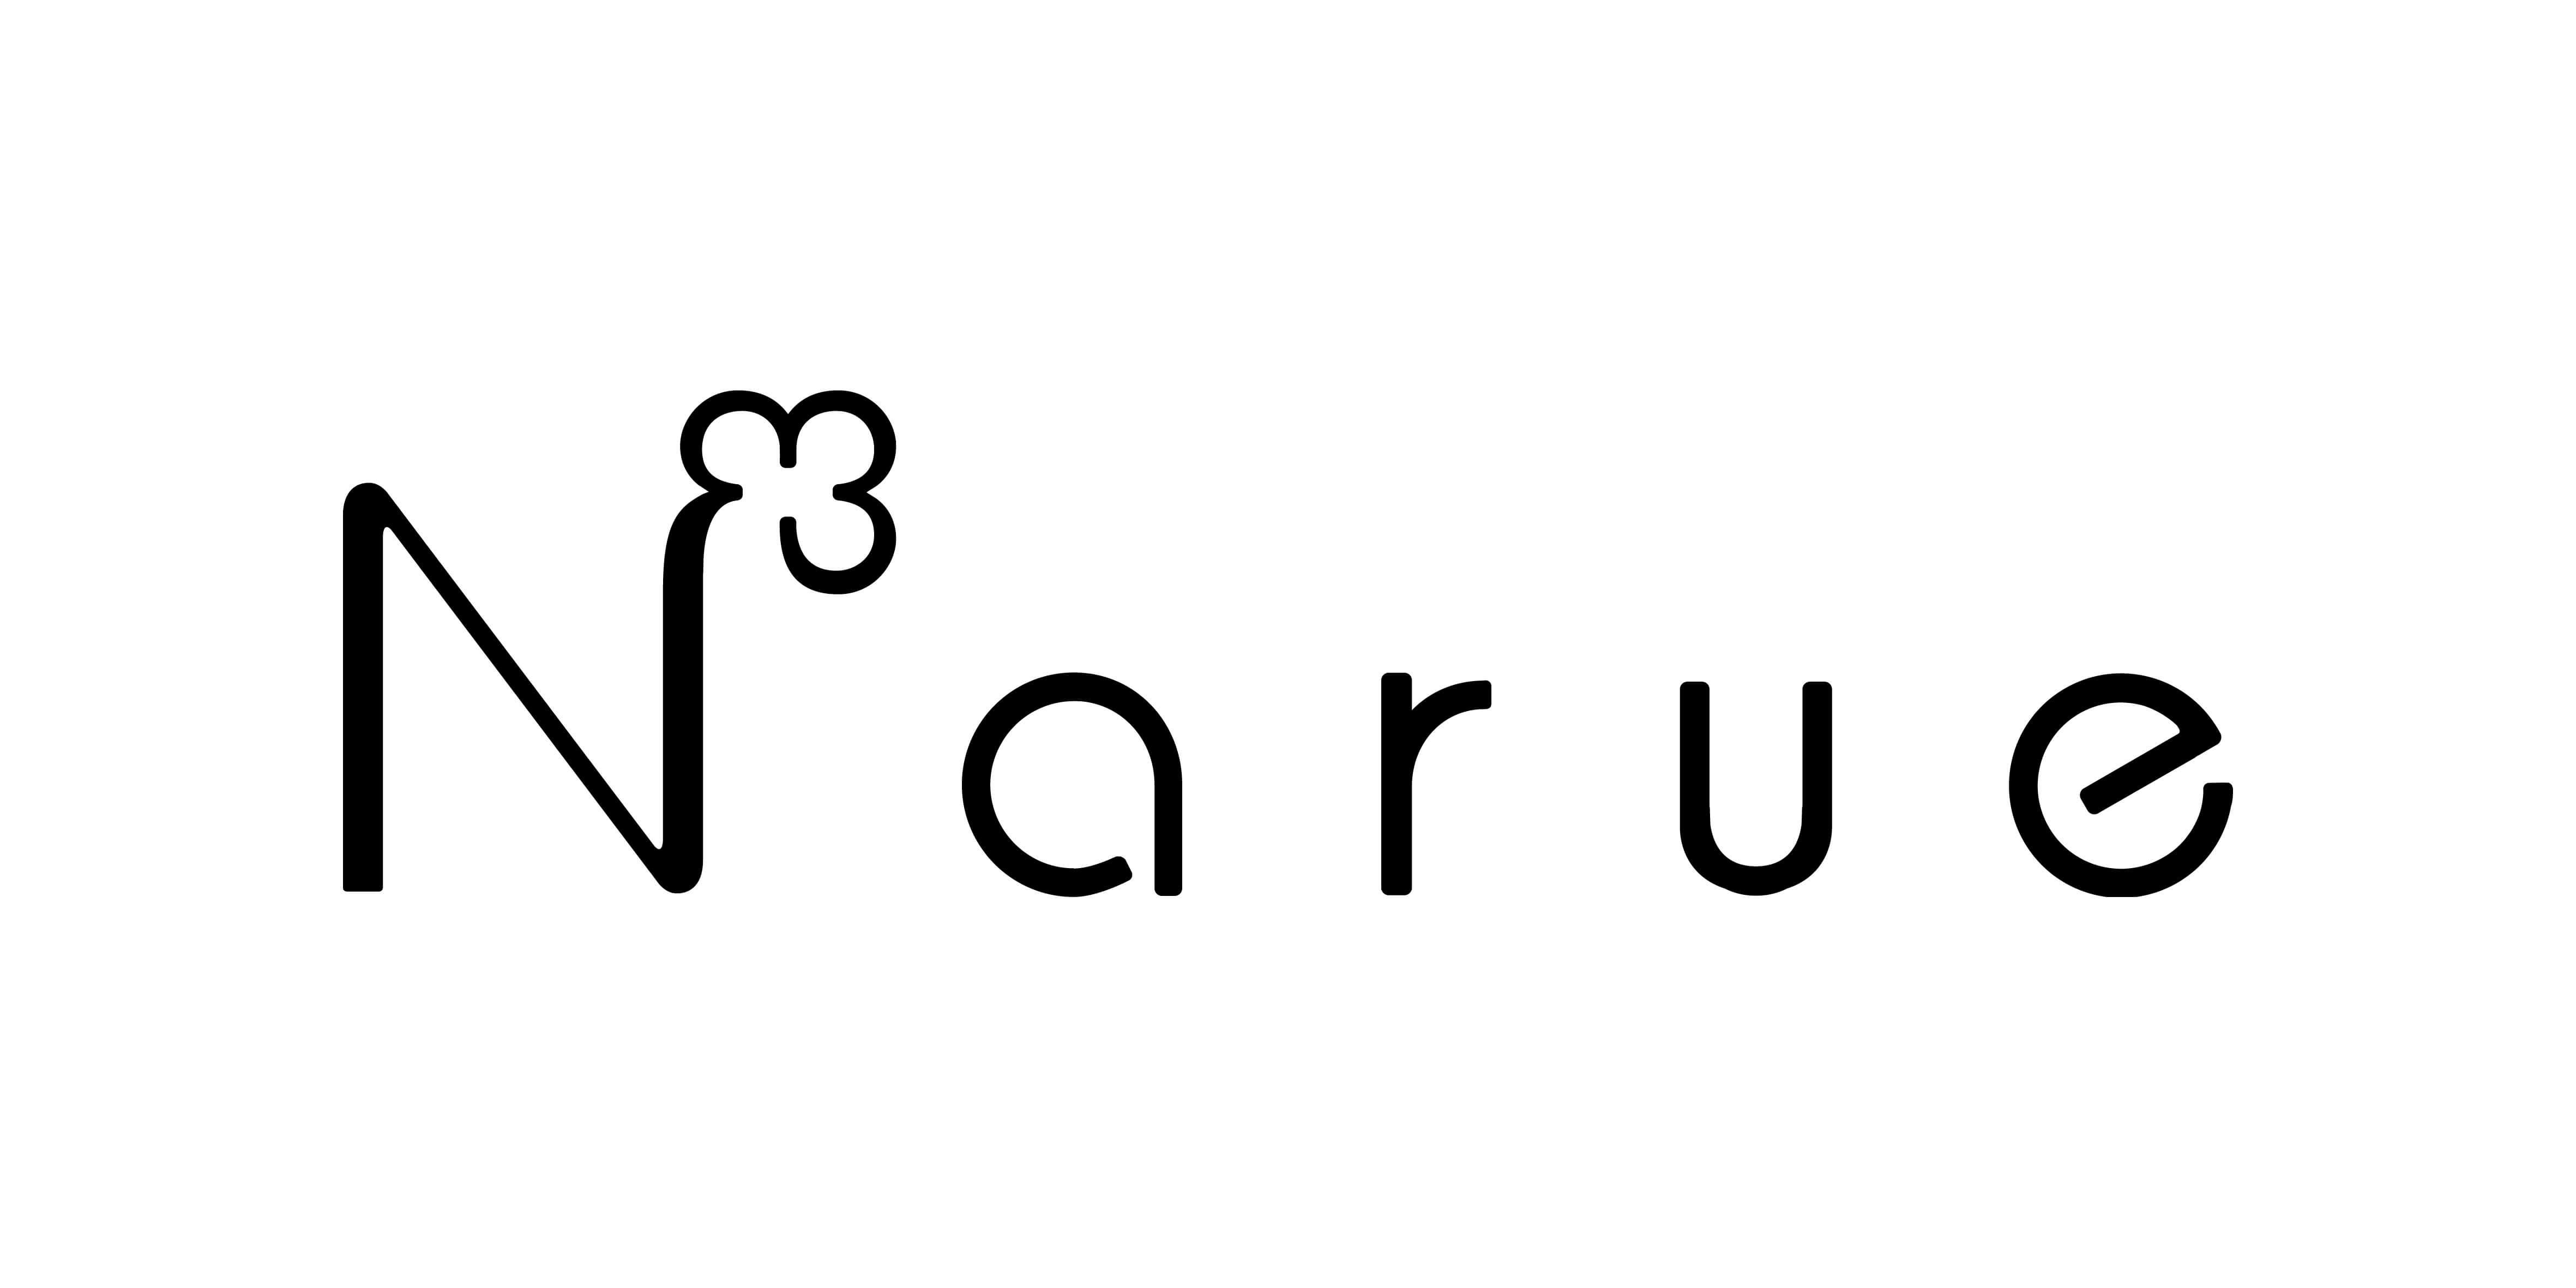 株式会社ナルエーのロゴ写真